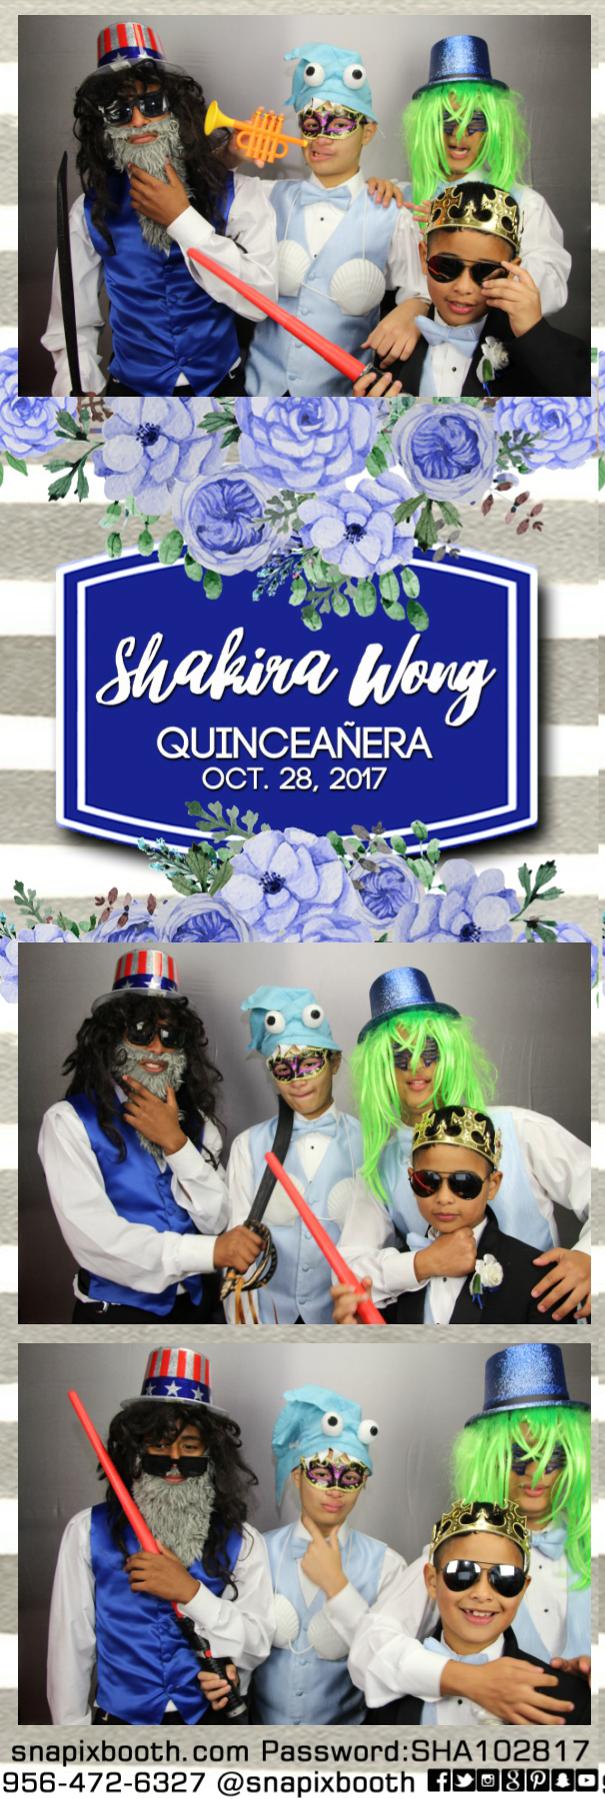 Shakira's Quinceanera